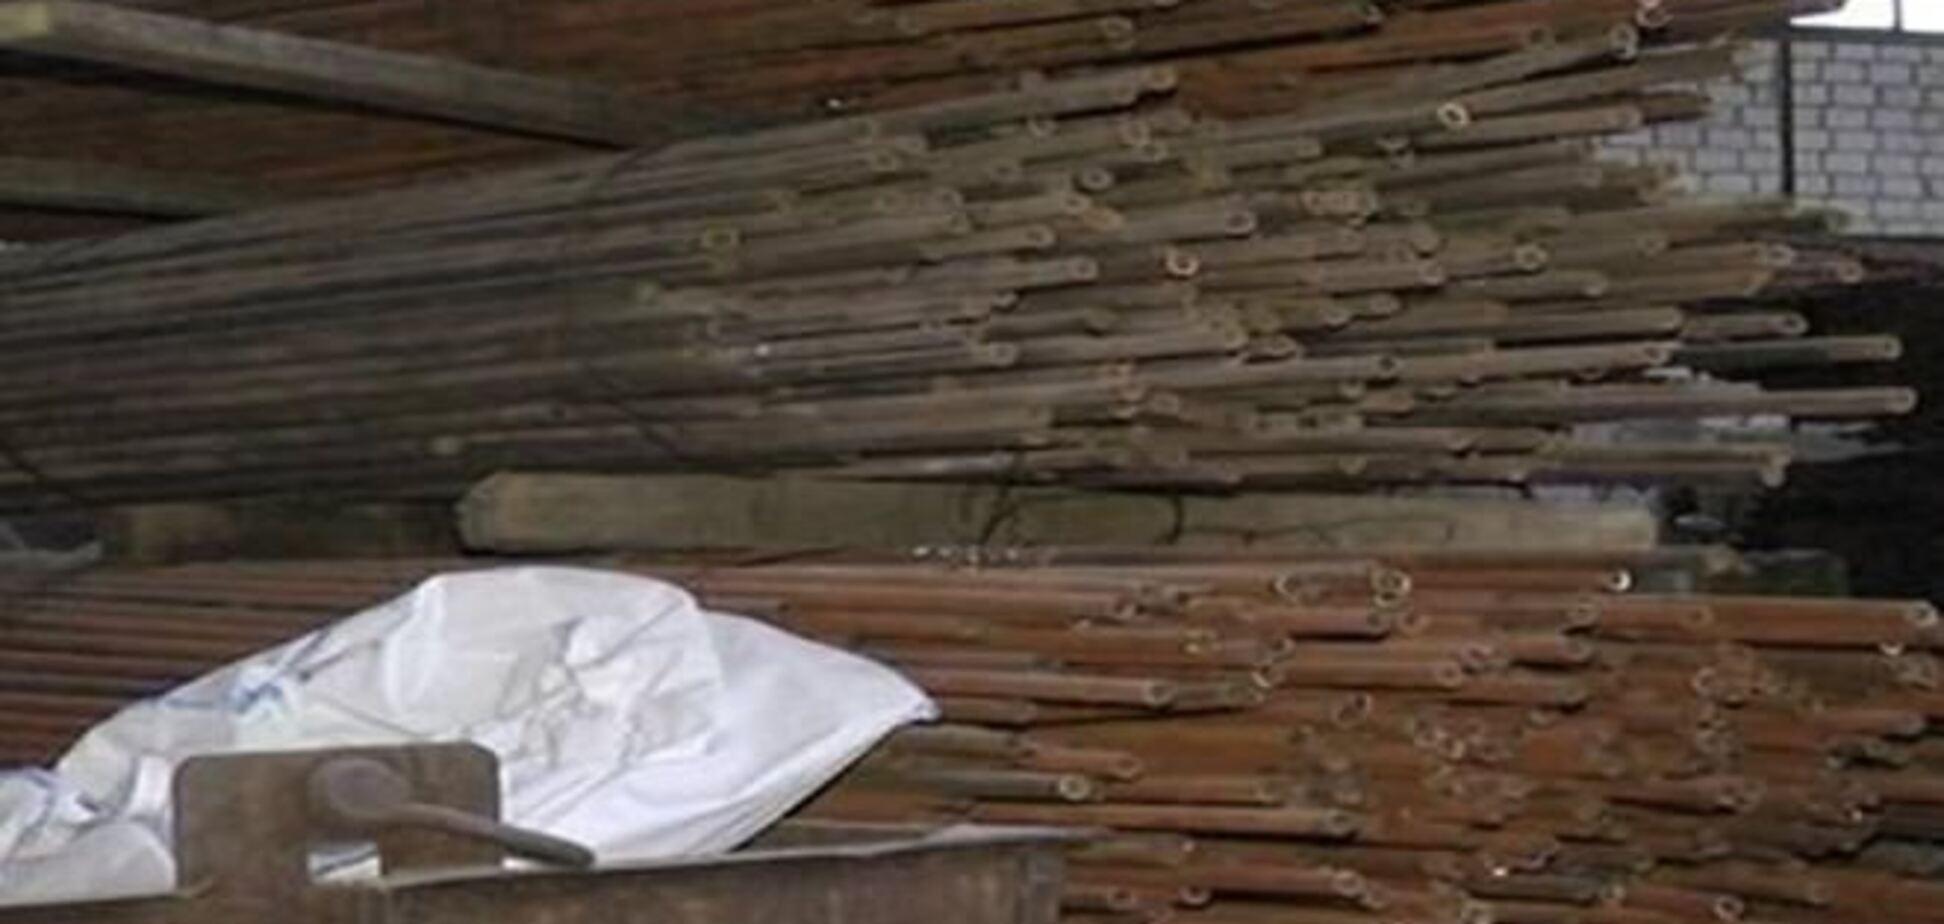 Уровень радиации на киевском складе зашкаливает - ГосЧС